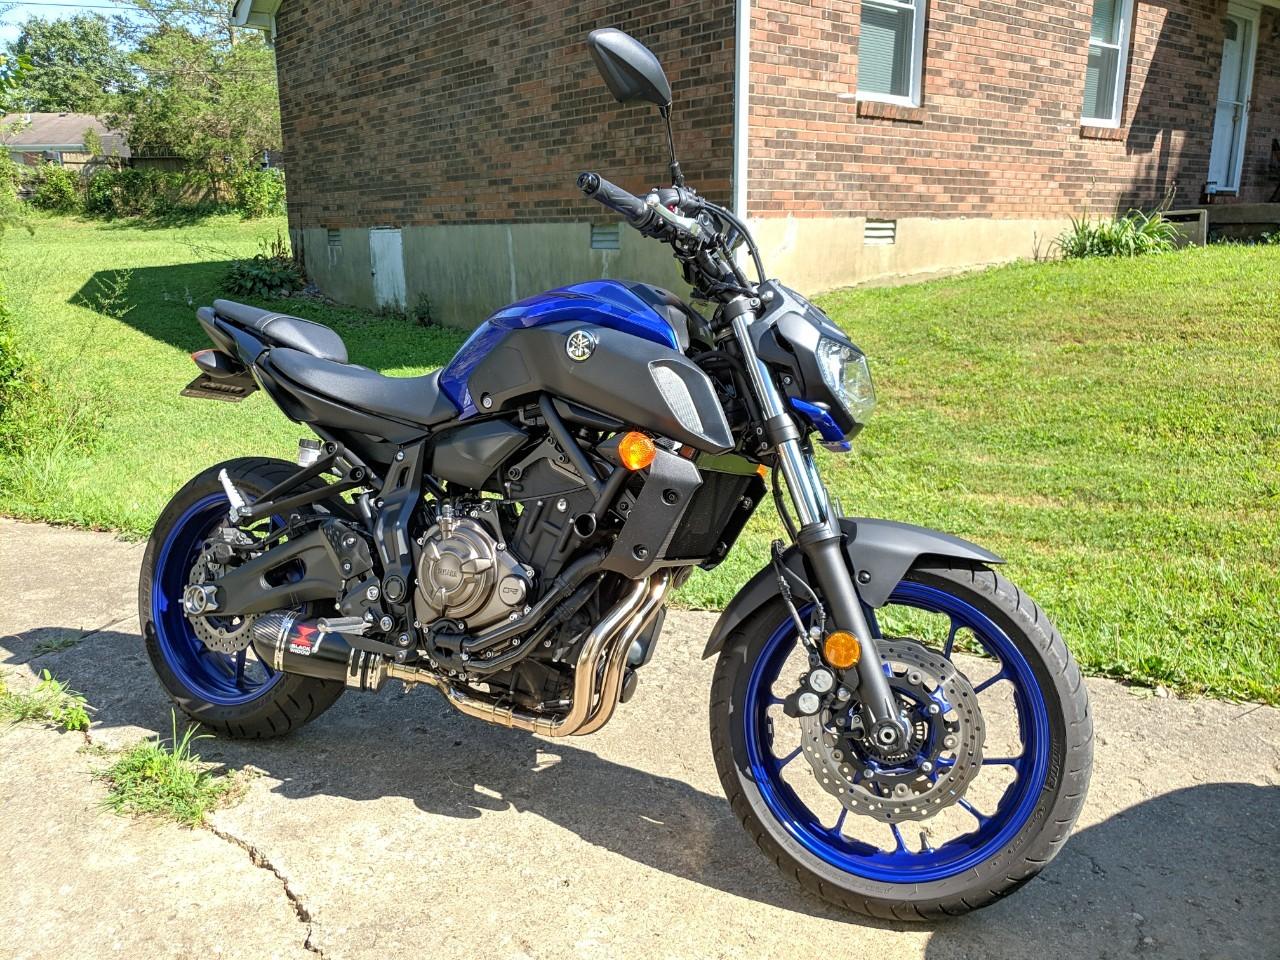 Elizabethtown, KY - Yamaha For Sale - Yamaha Motorcycle